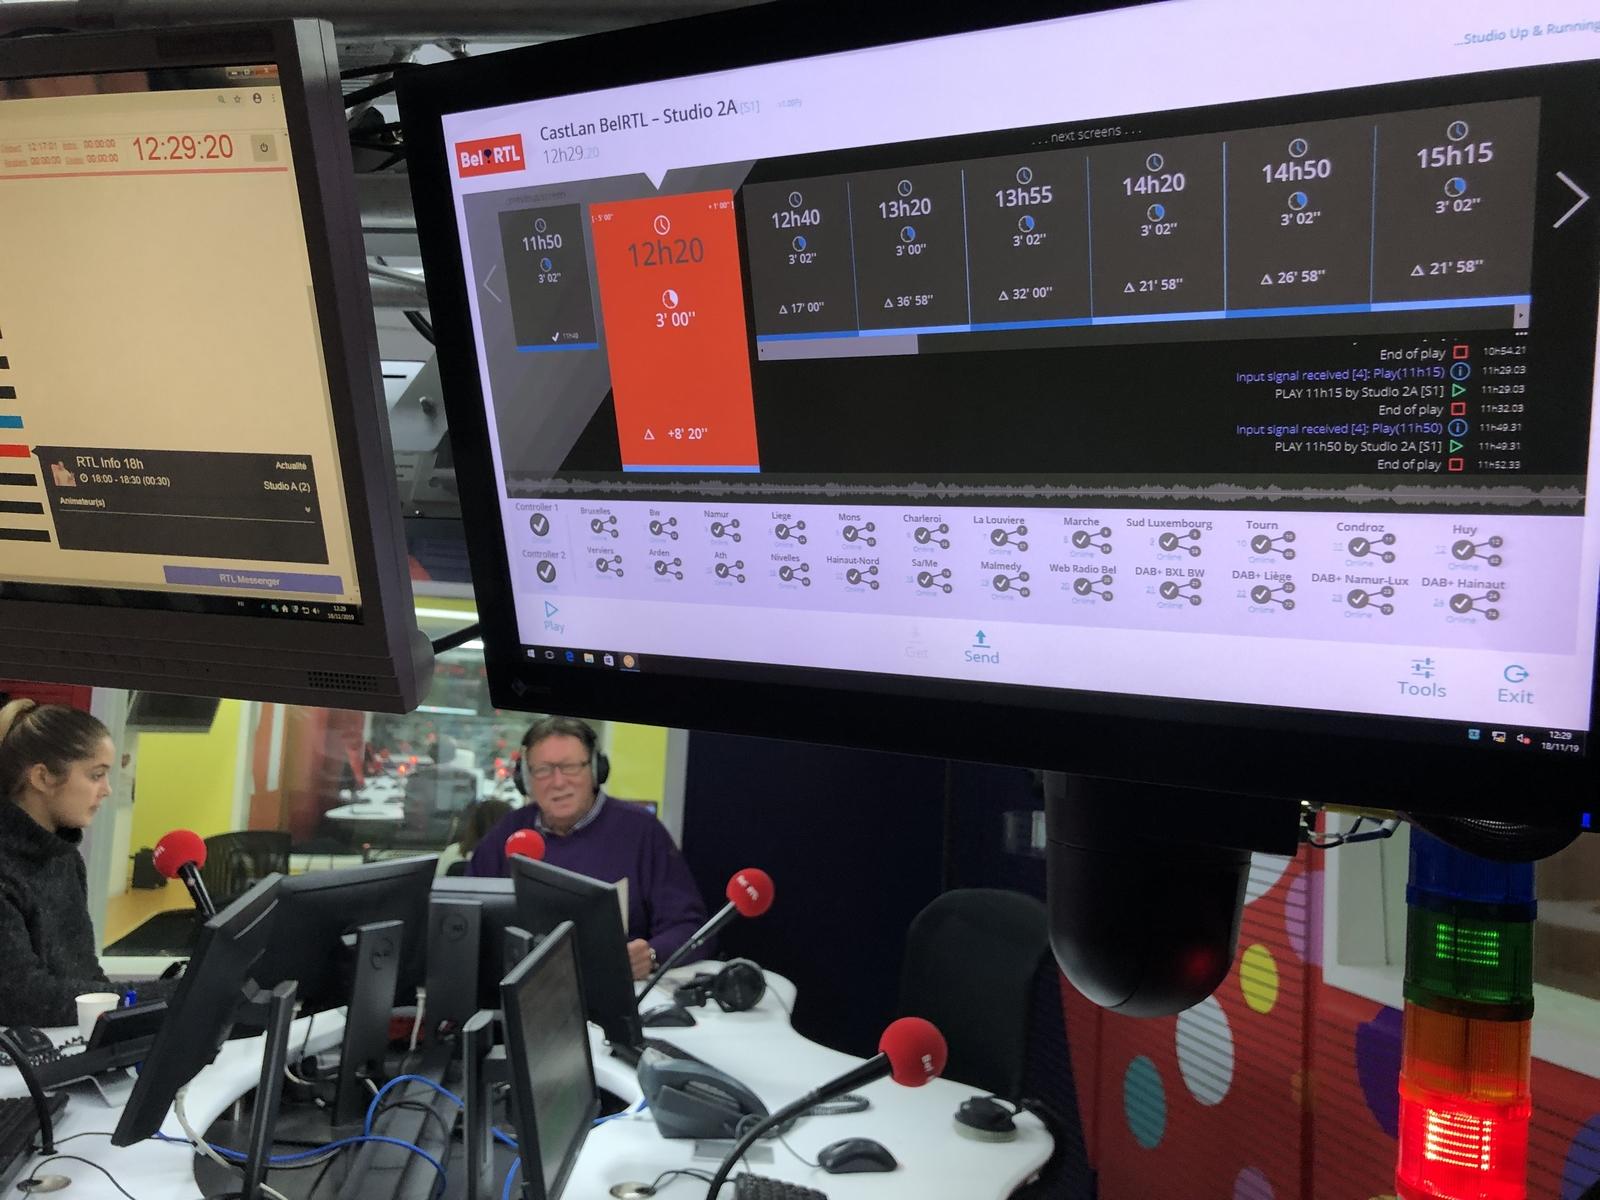 L'animateur Christian De Paepe, avec son assistante Julie Verdeyen, dans le studio 2A de Bel RTL, interface du CastLan. © Thierry Peters